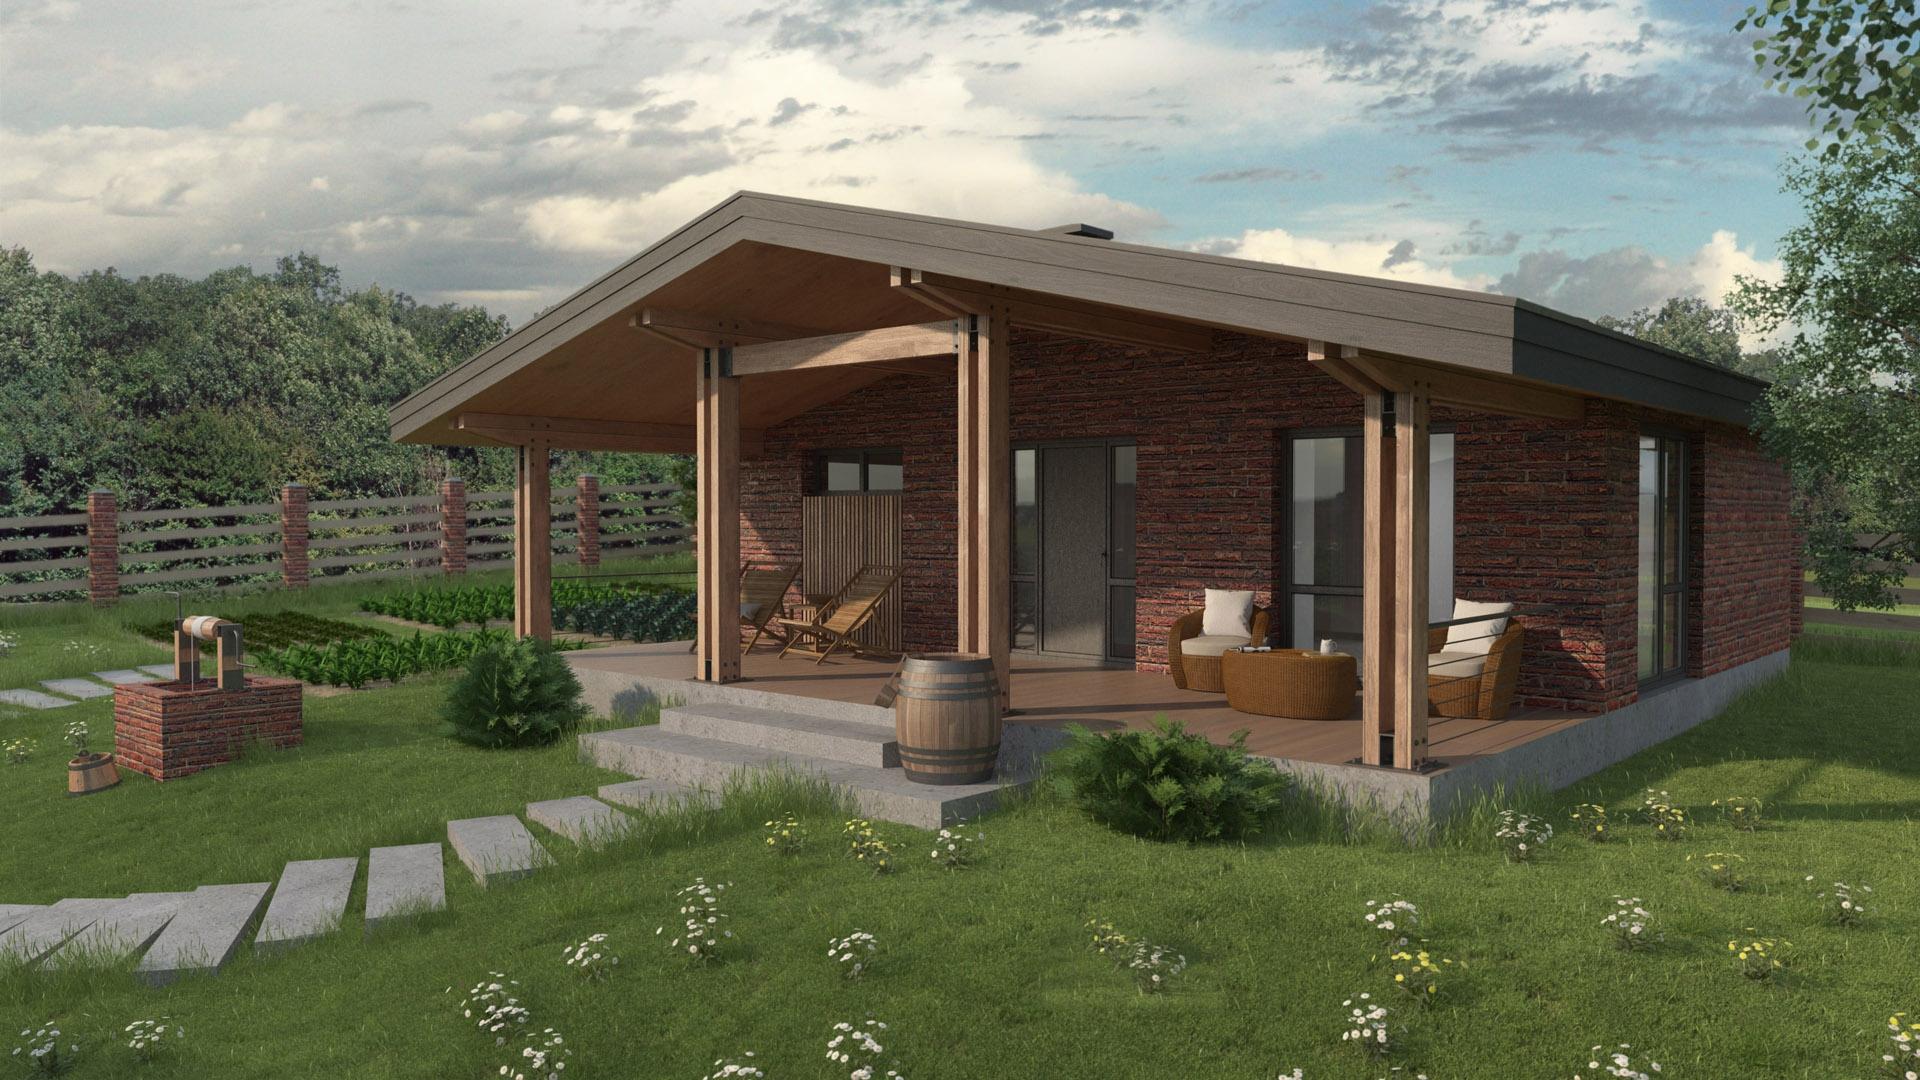 Изображение для проекта Проект кирпичного жилого дома «Каменные Ворота» 2161